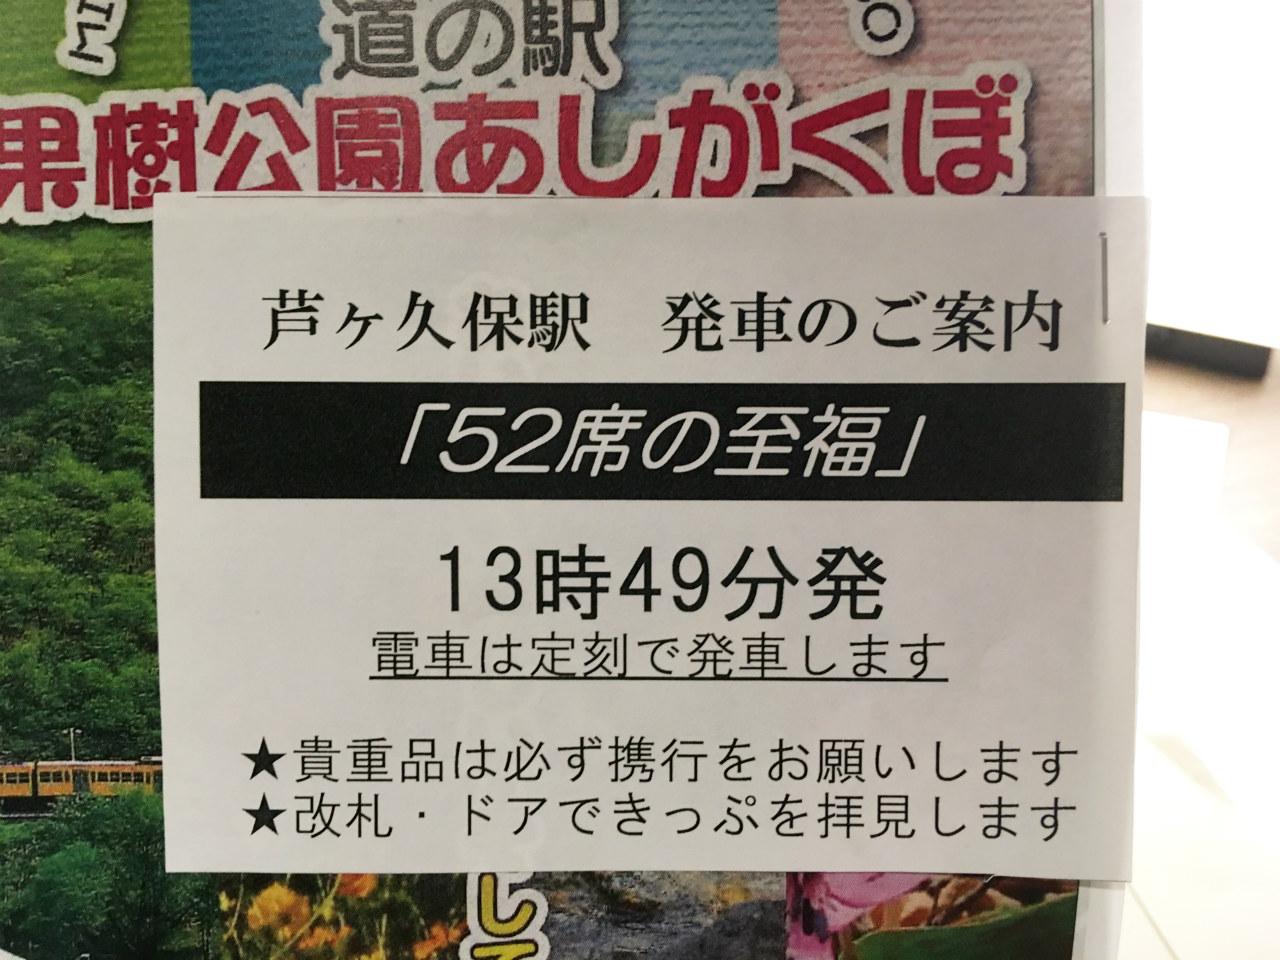 52席の至福の停車駅「芦ヶ久保駅」